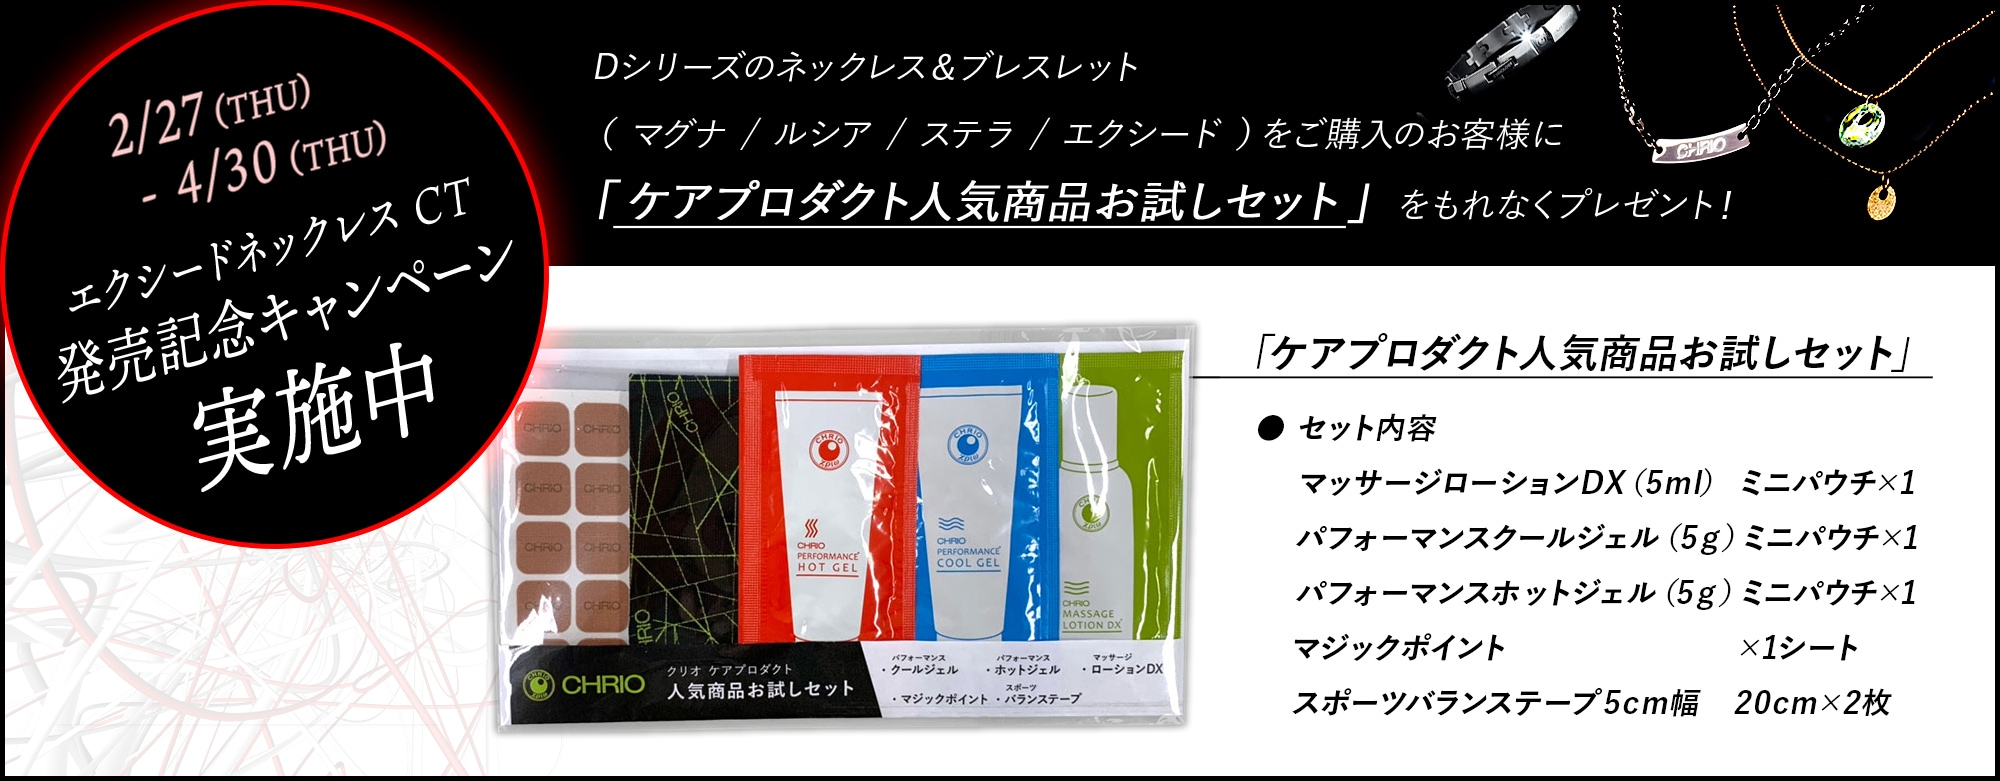 期間中、対象商品をご購入で、『ケアプロダクト人気商品お試しセット』がもらえる!